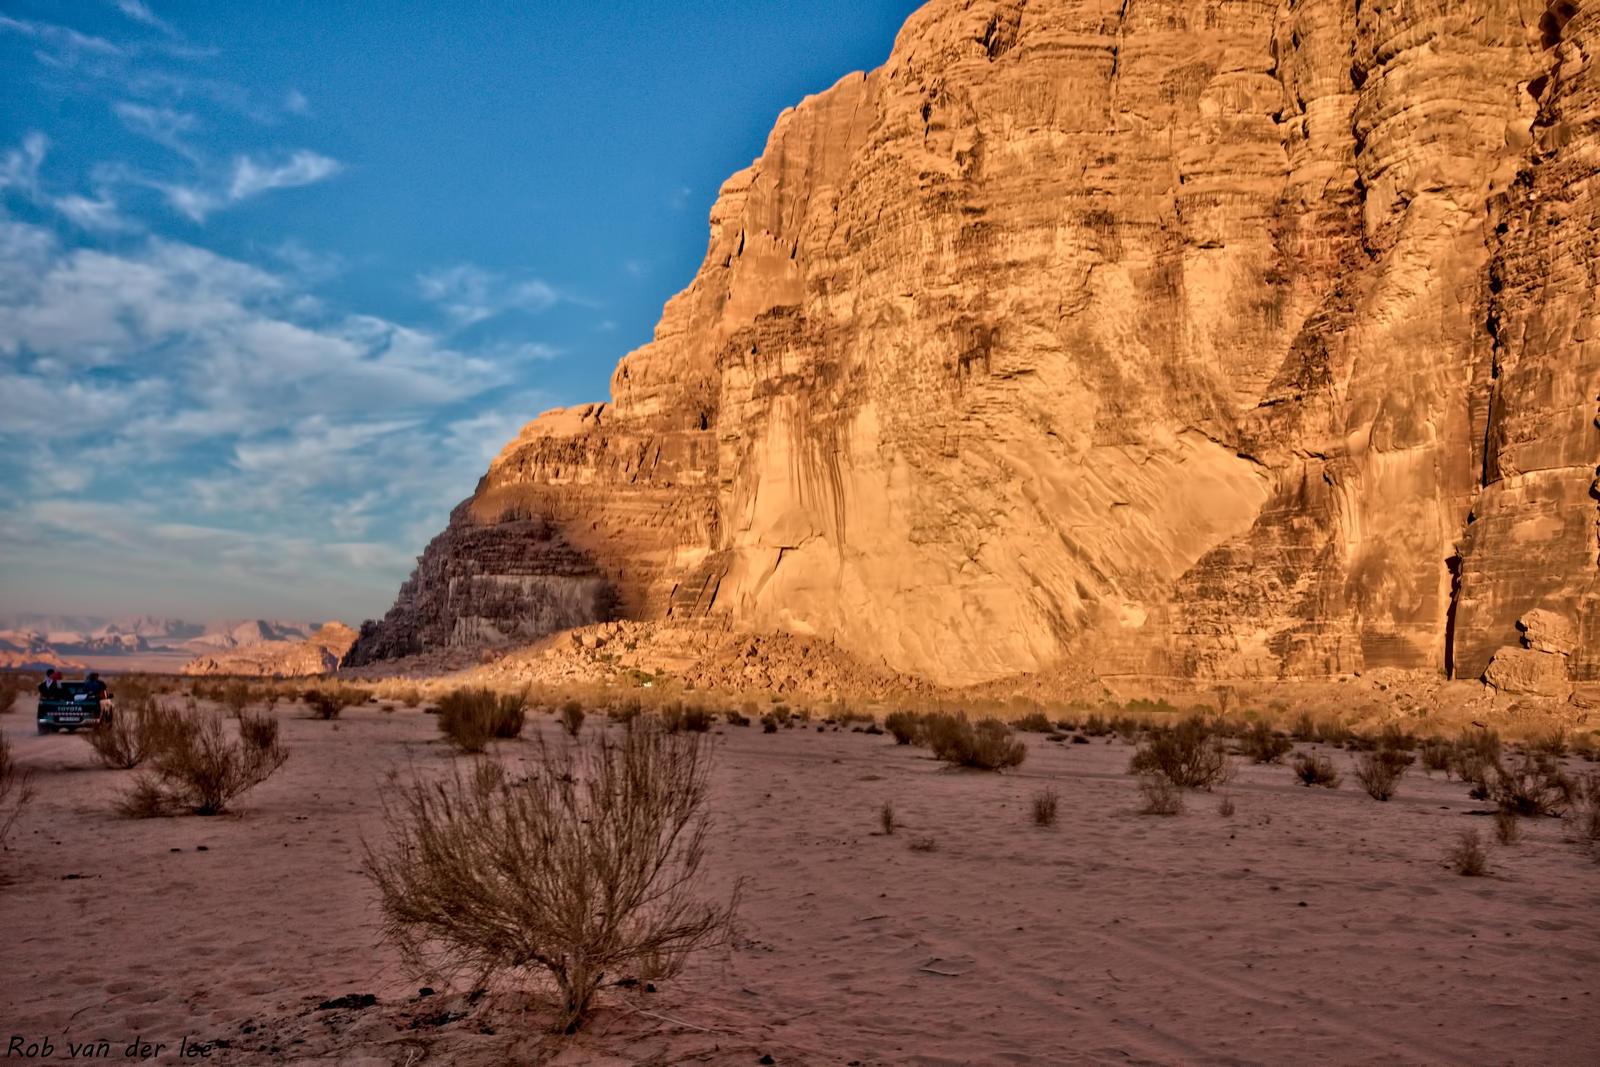 Wadi rum 027 by forgottenson1